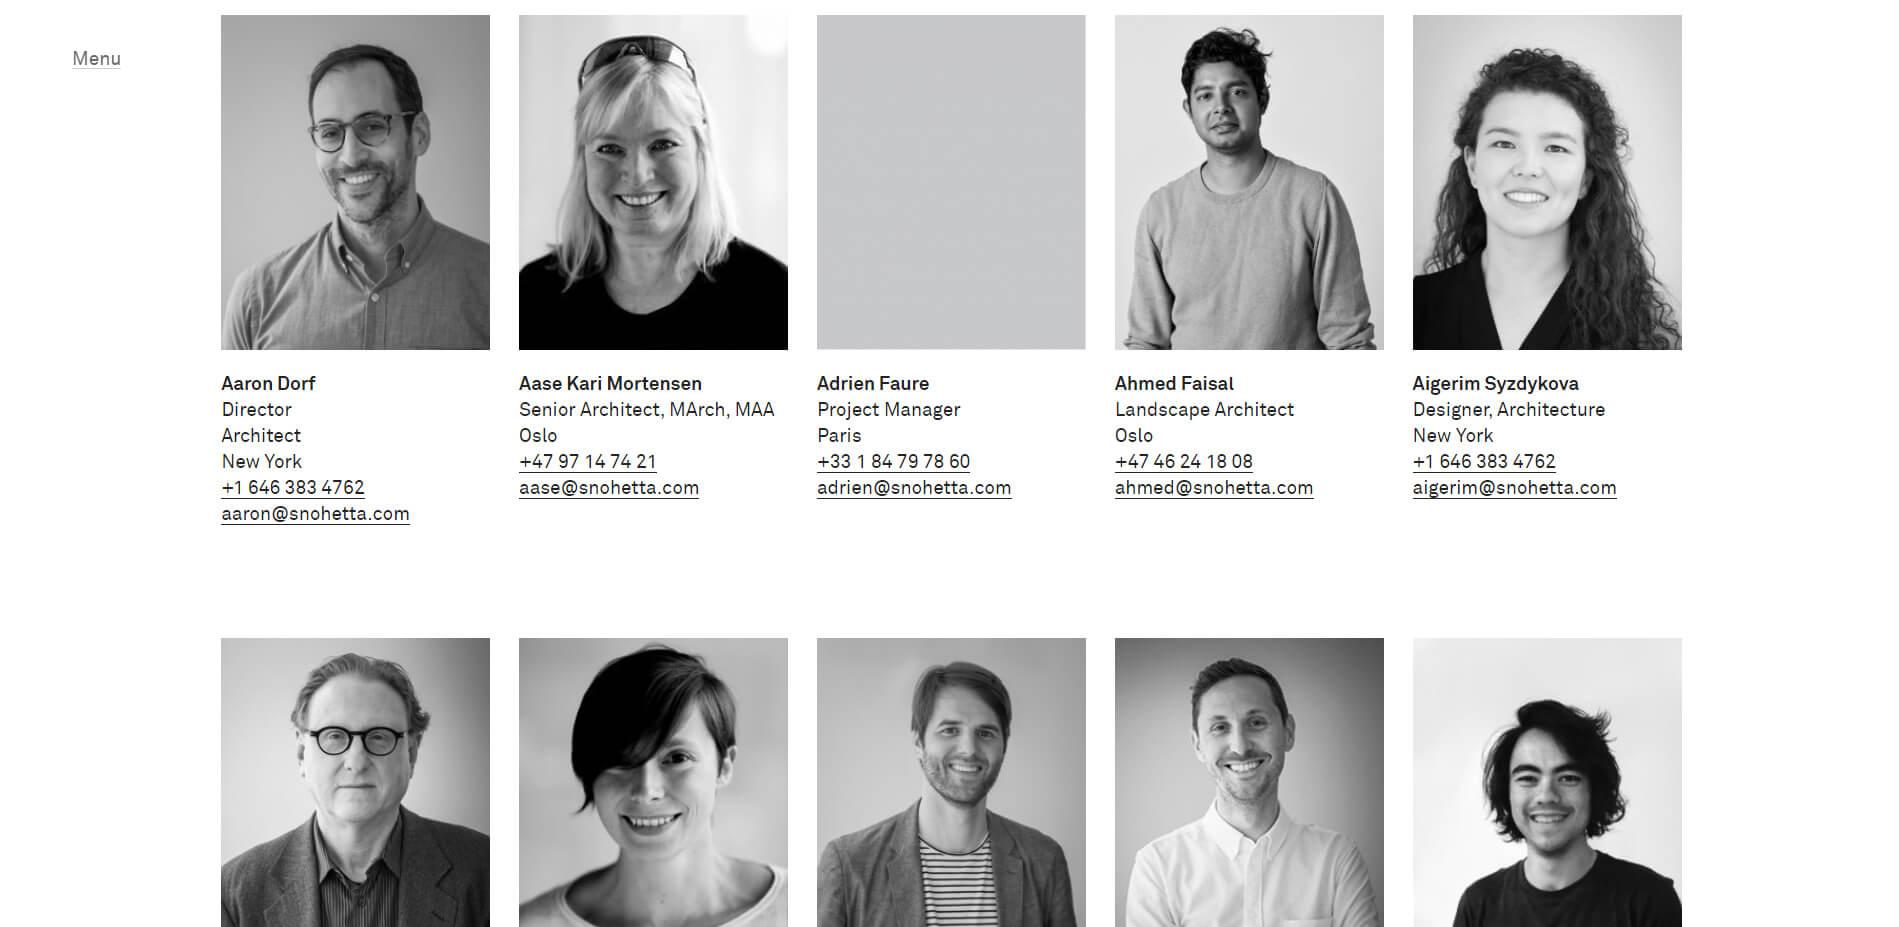 esempio pagina chi siamo siti web per architetti